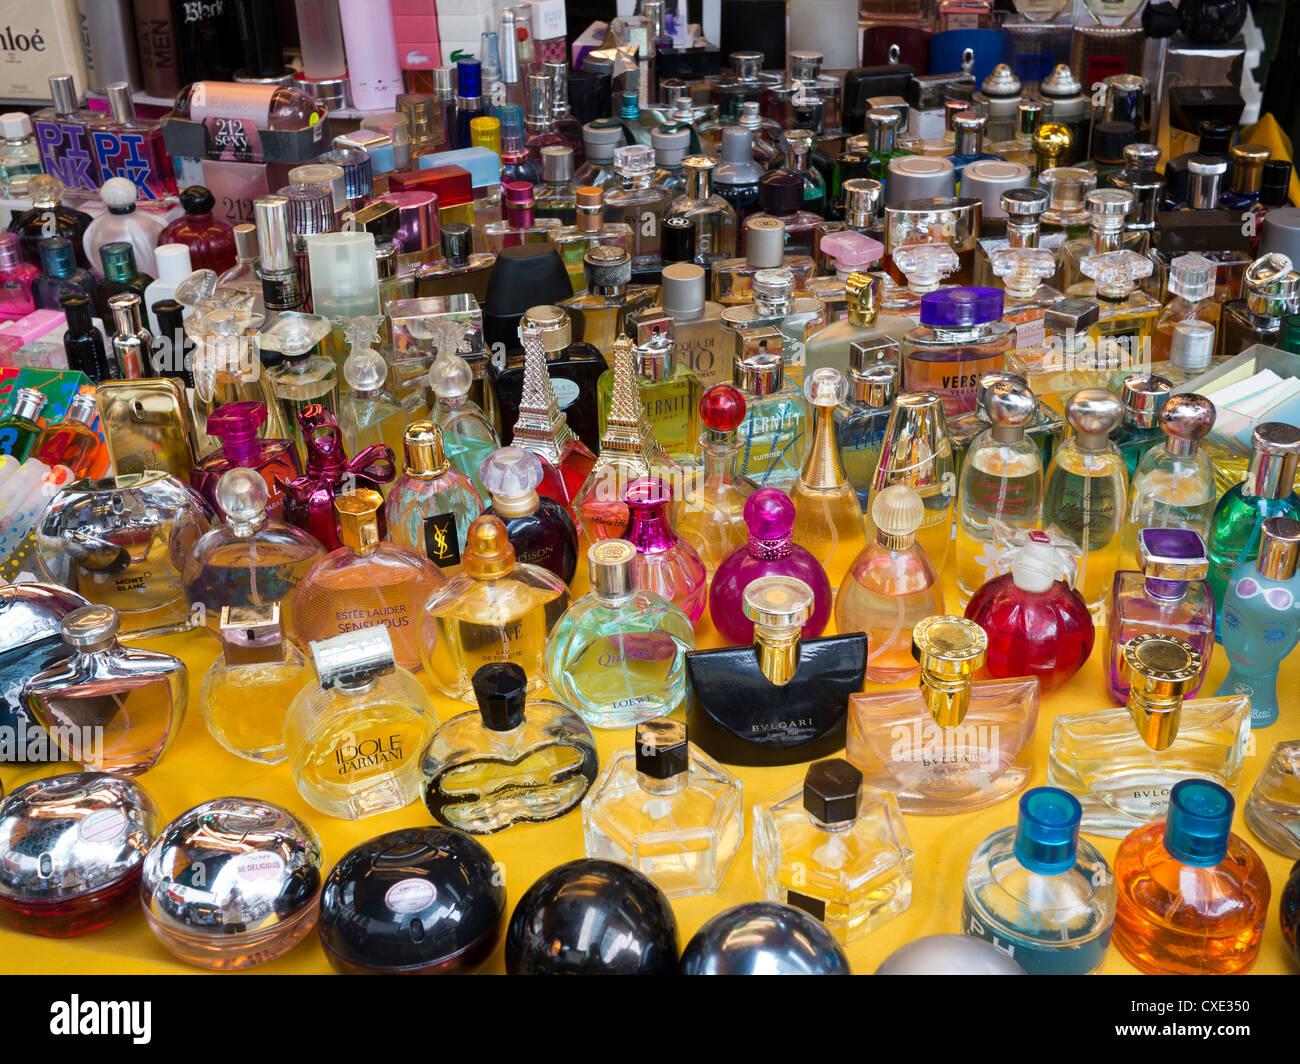 Fake perfume for sale at street market, Hong Kong, China - Stock Image